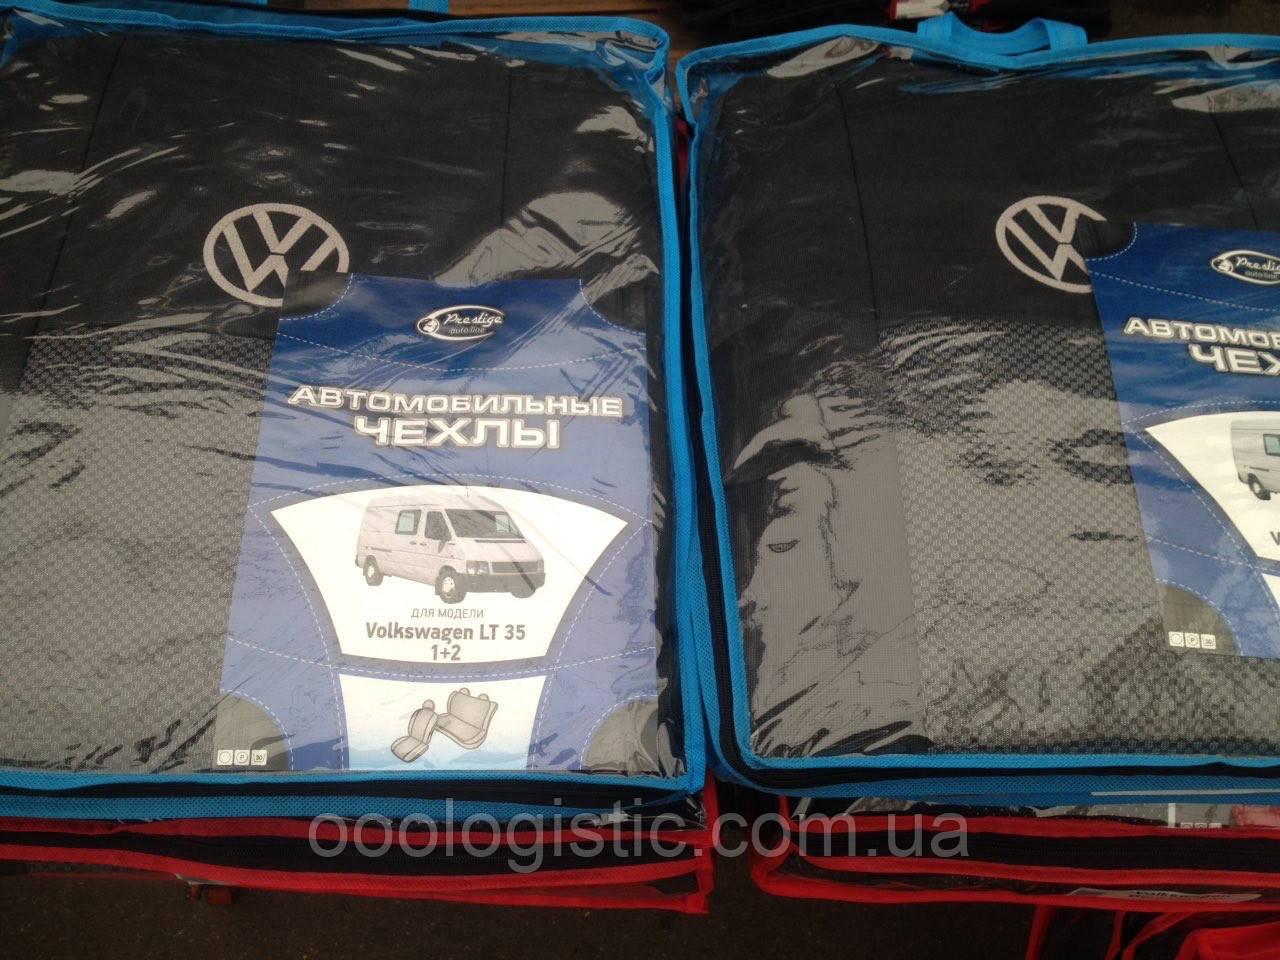 Авточехлы Prestige на Volkswagen LT 35 1+2,Фольксваген LT 35 1+2 модельный комплект